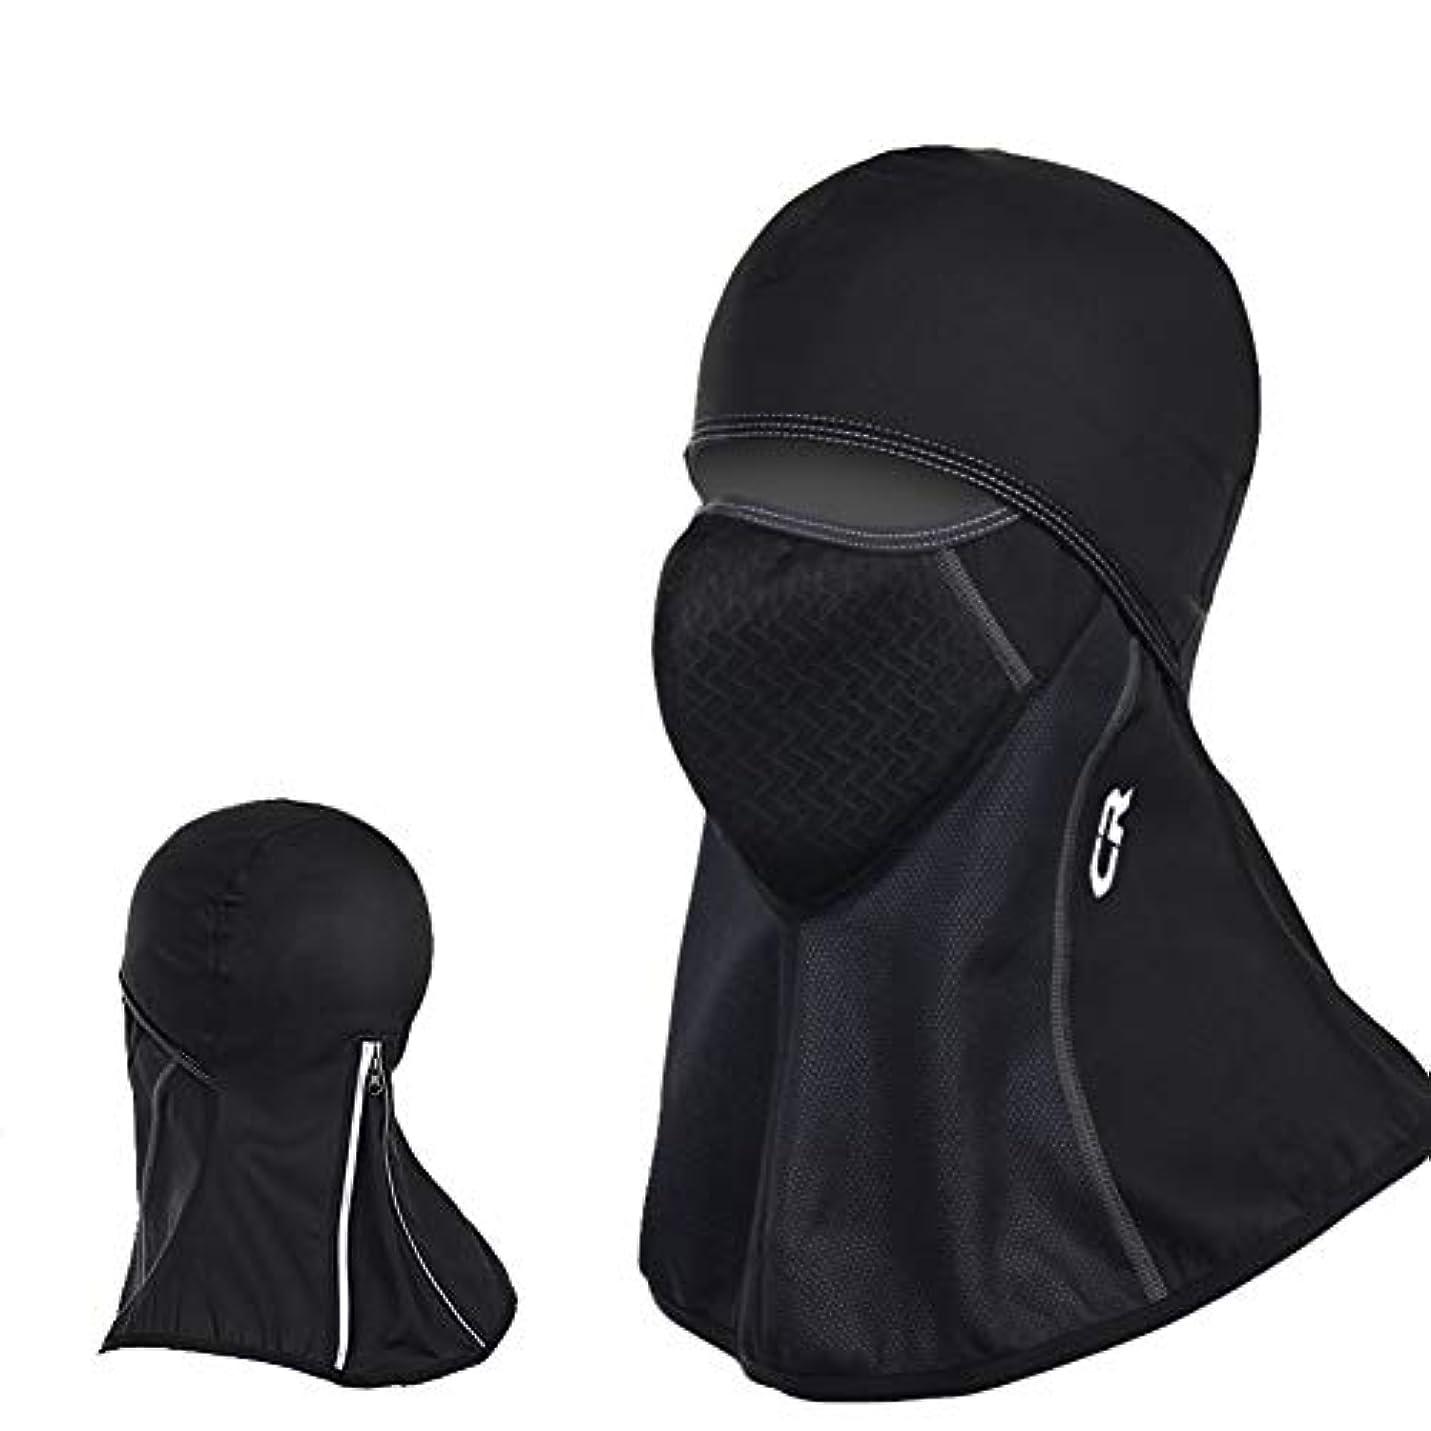 サワー肘掛け椅子物理的なコールドマスク冬暖かいフード男性オートバイライディングマスクコールドフルフェイス屋外マスク防風フード機器に乗って